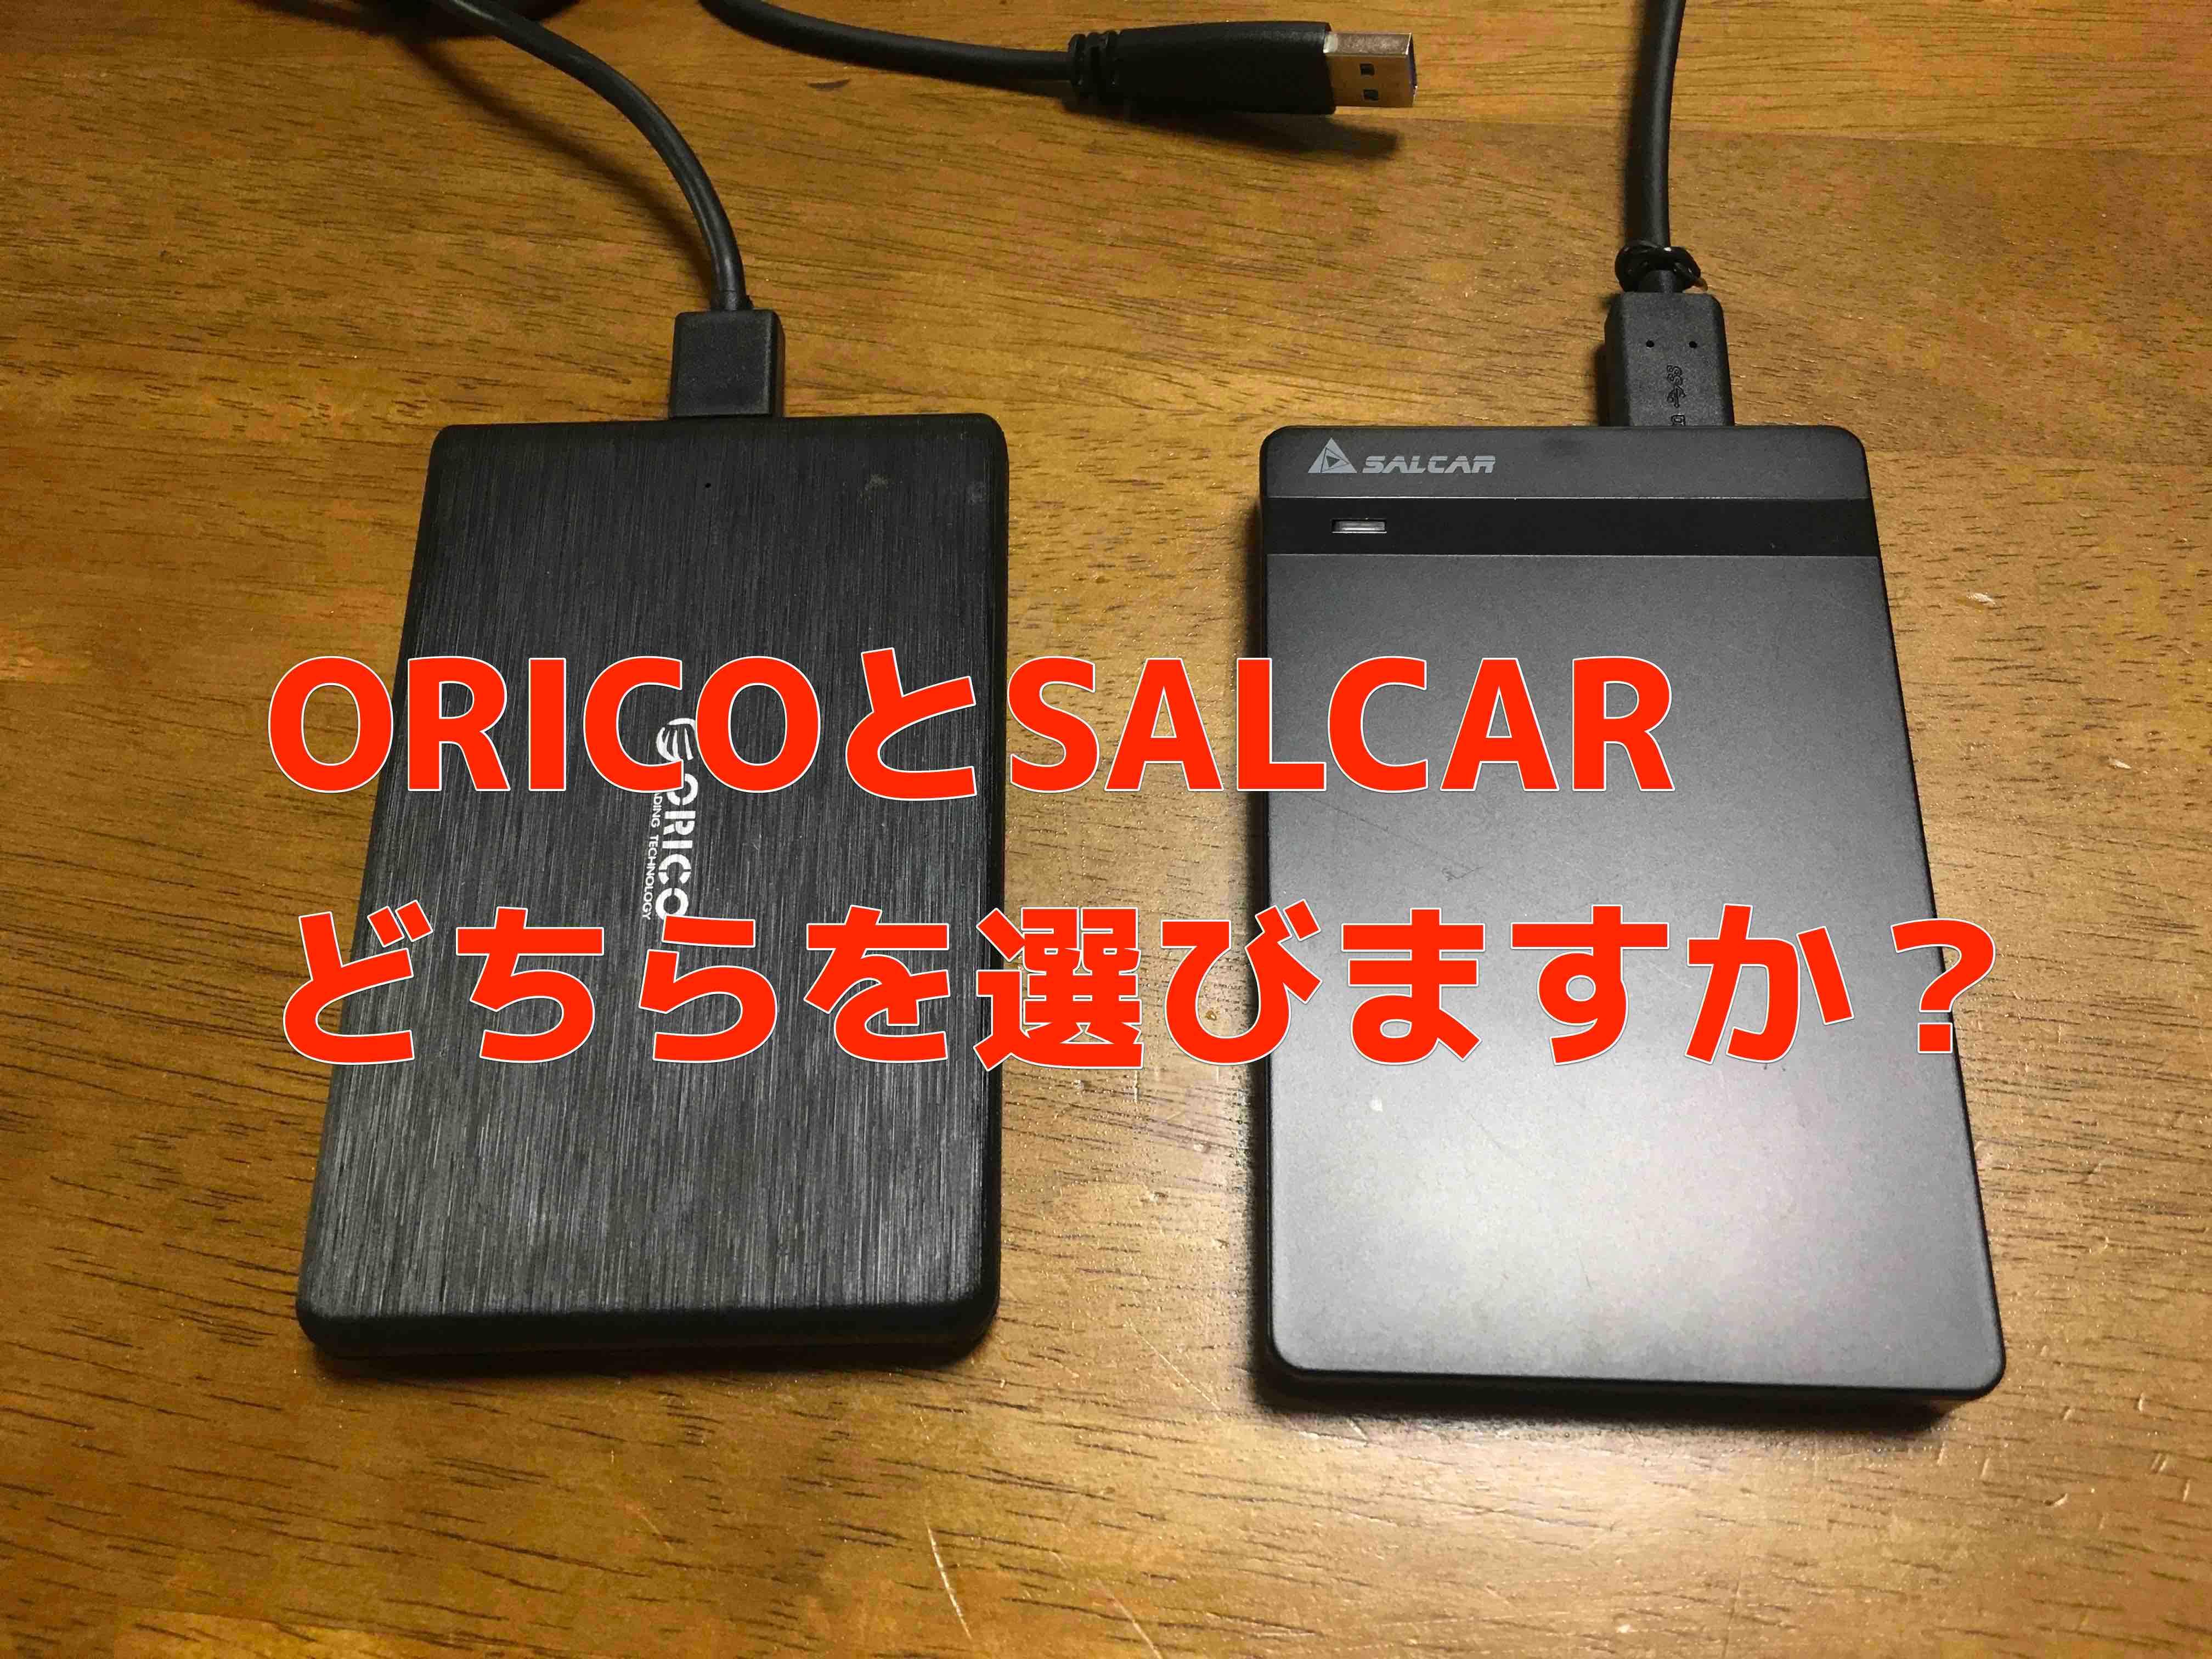 2.5インチ HDDケースはSalcarとORICOどちらがいいのかまとめてみる